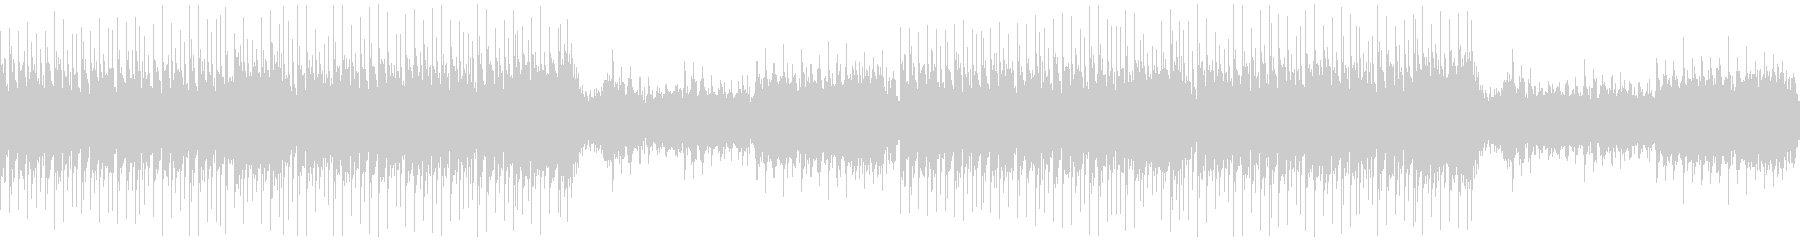 【ループ】尺八/篠笛かっこいい和風EDMの未再生の波形